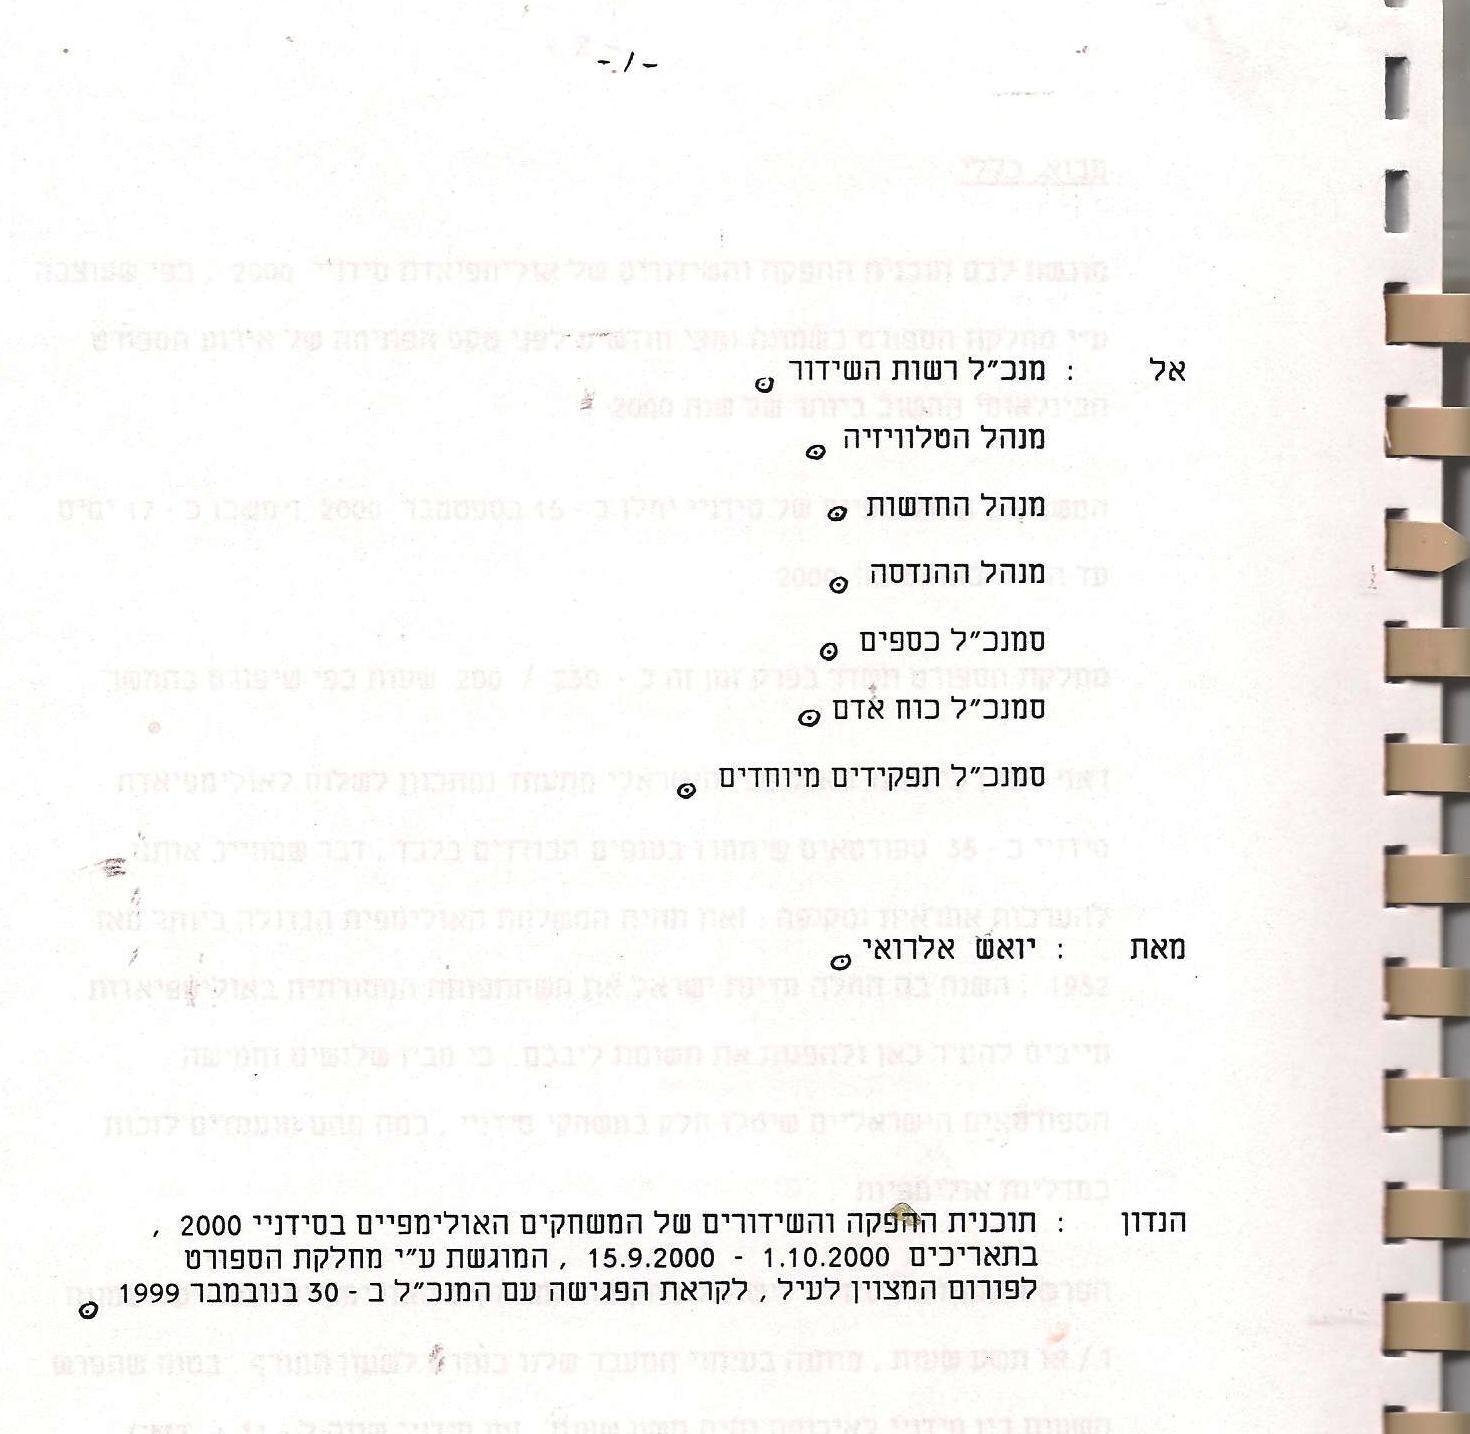 raport 9